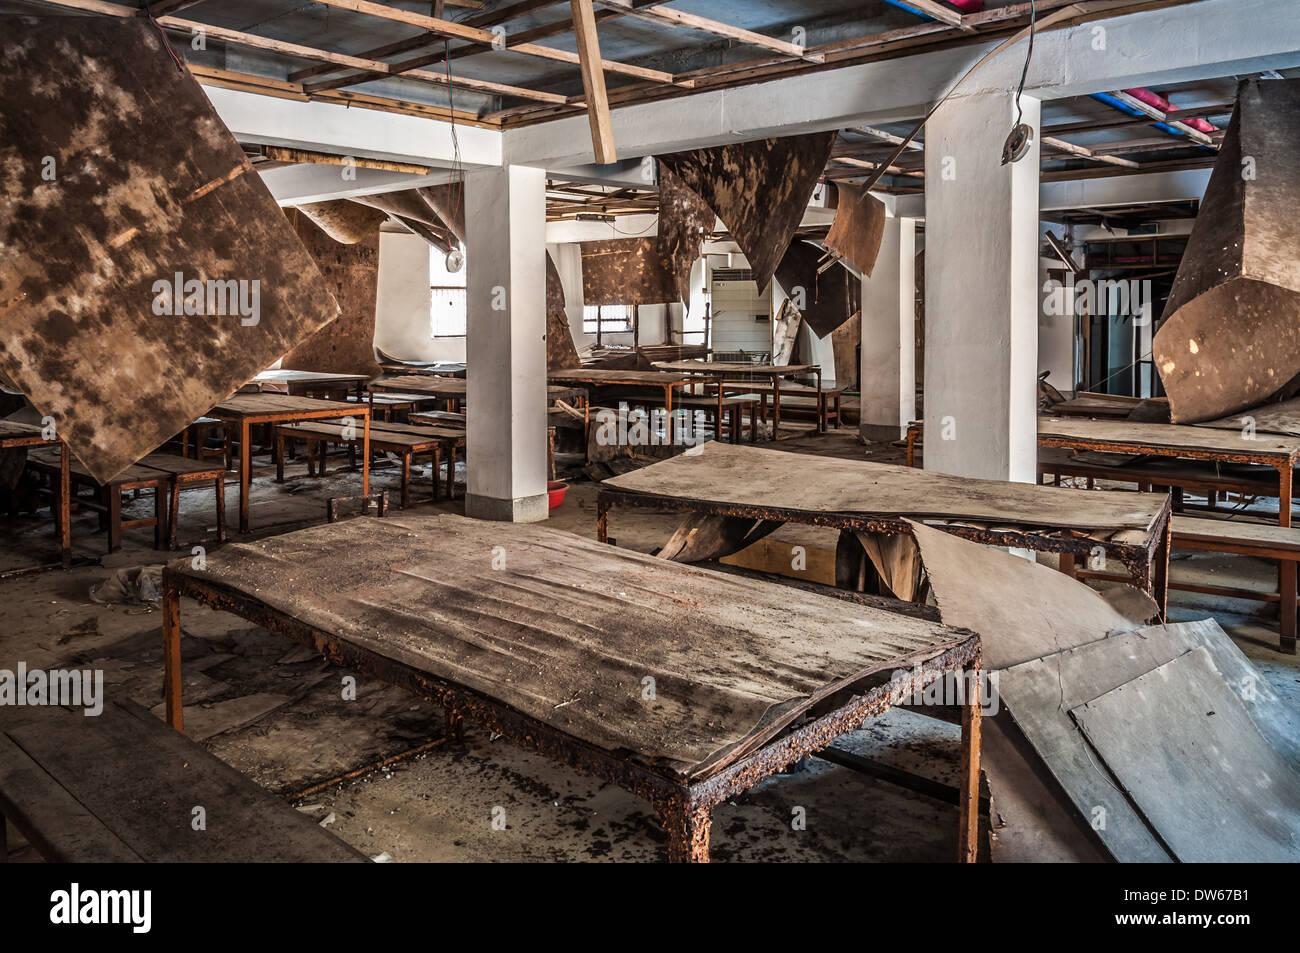 Gonjiam ospedale psichiatrico in Corea del Sud. L ospedale è stato abbandonato quasi venti anni fa. Immagini Stock